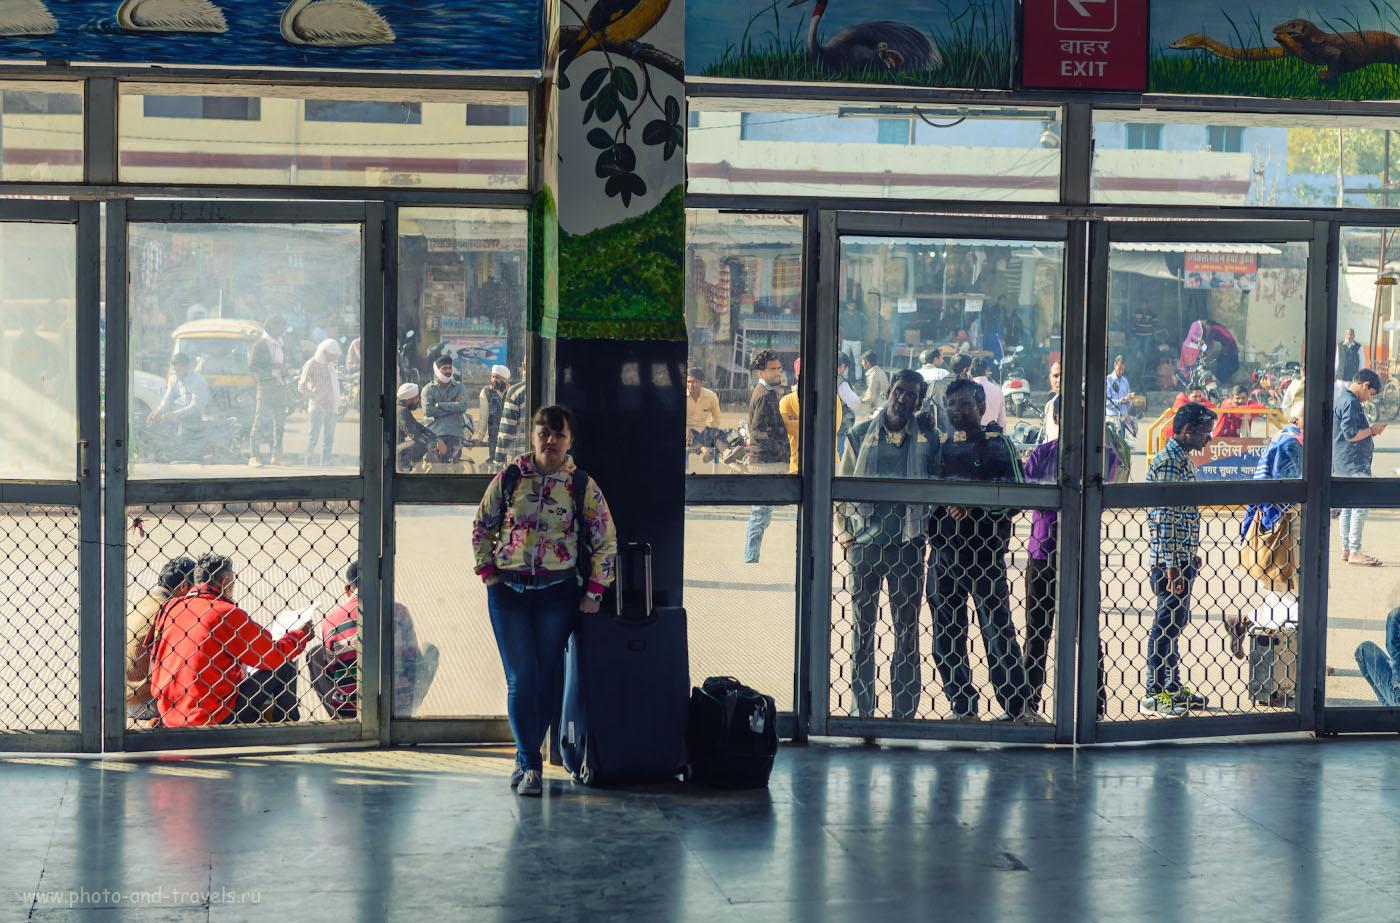 37. Сценка на вокзале в городе Бхаратпур. Отзывы туристов о самостоятельном отдыхе в Индии. 1/200, 4.5, 100, 70.